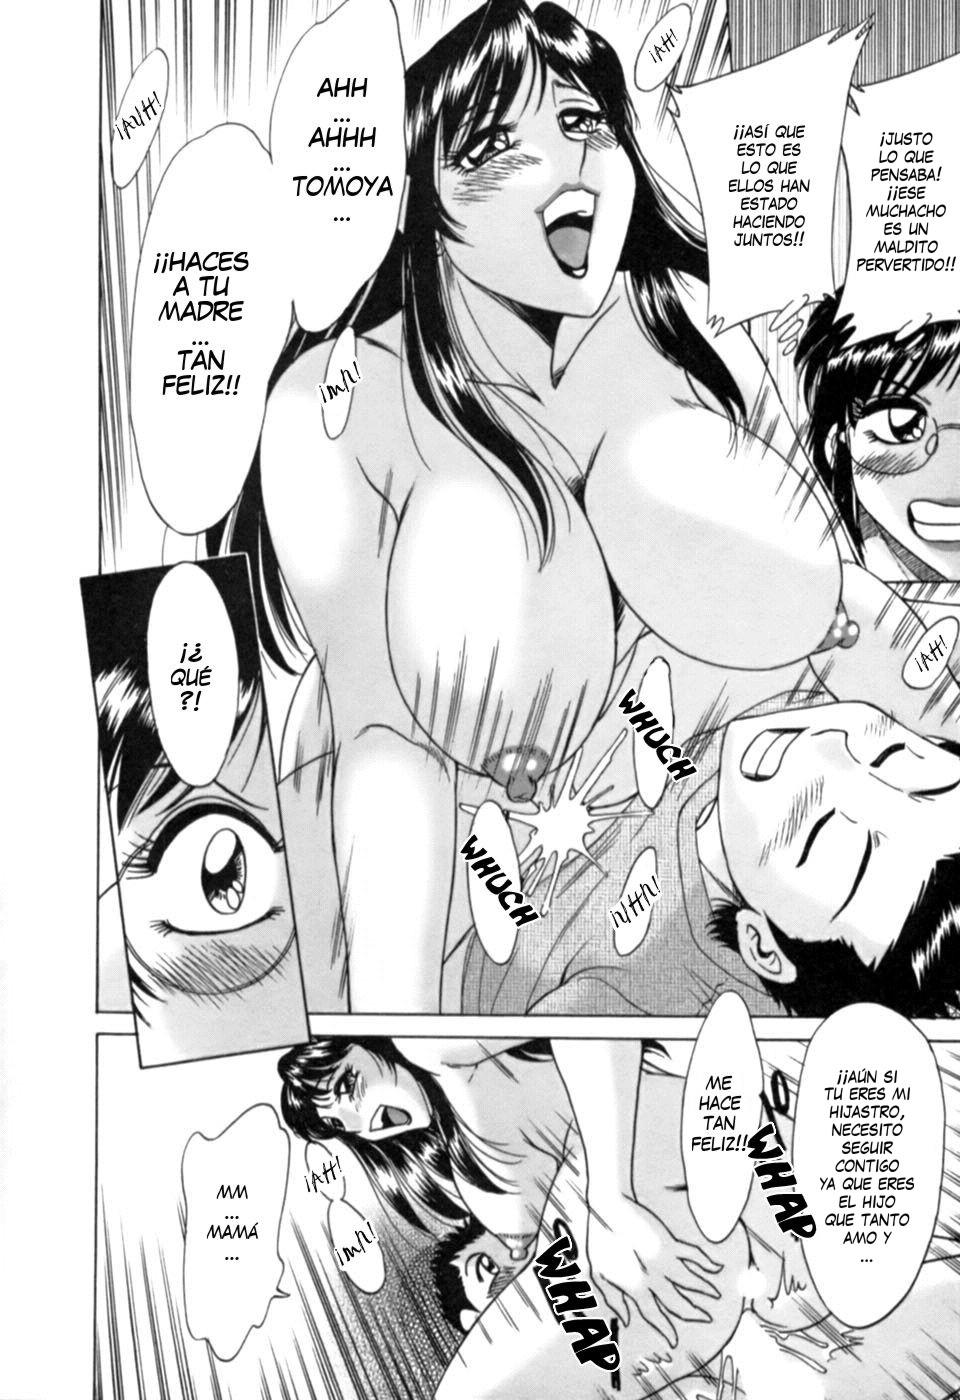 My Mom, the Sexy Idol vol. 02 cap.02